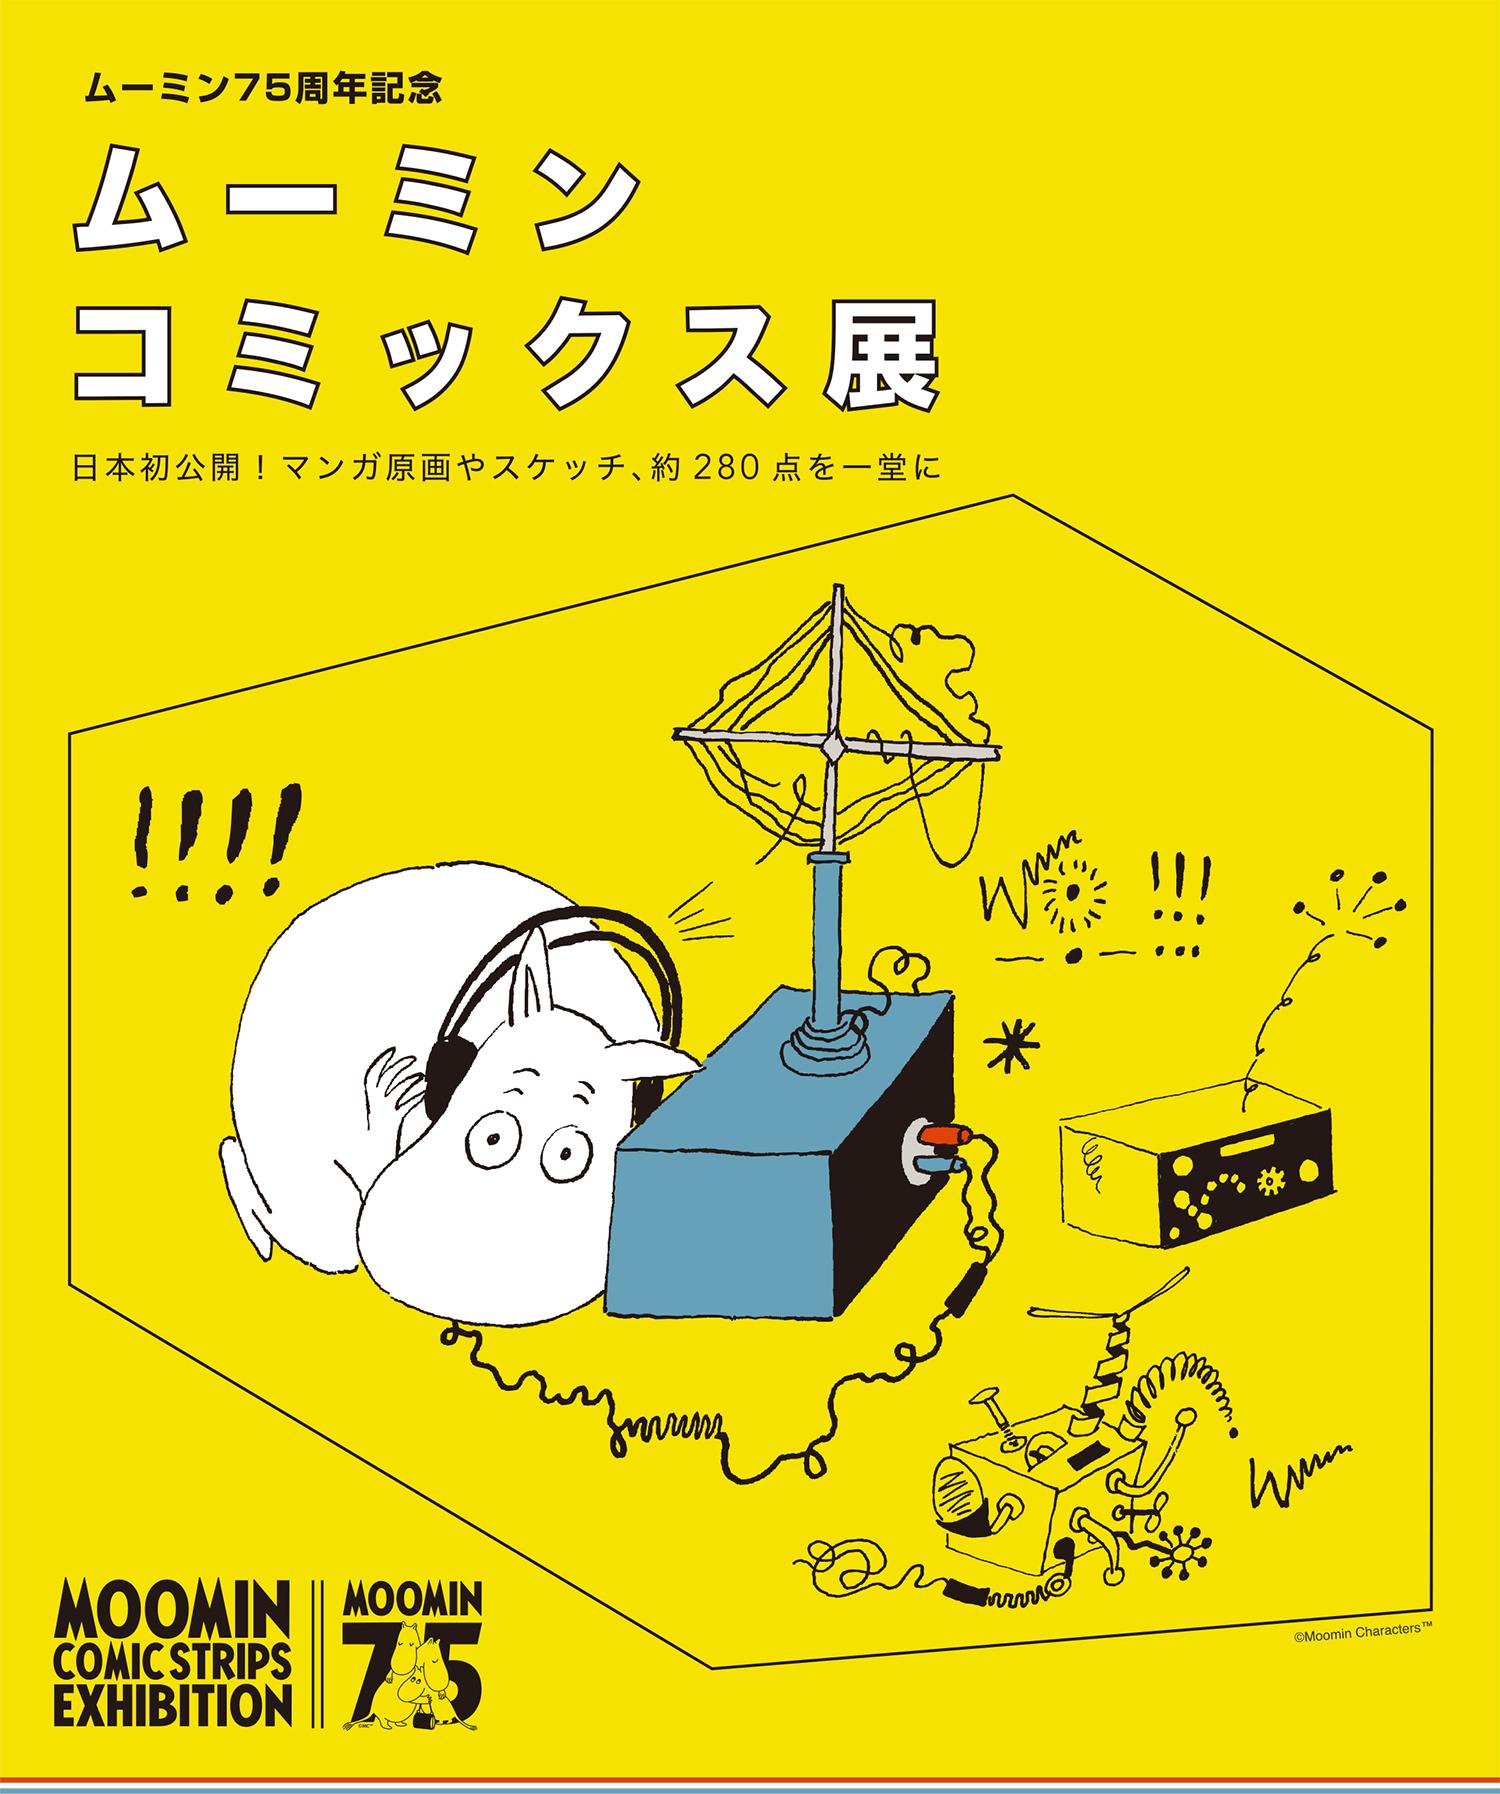 ムーミン75周年記念 ムーミンコミックス展